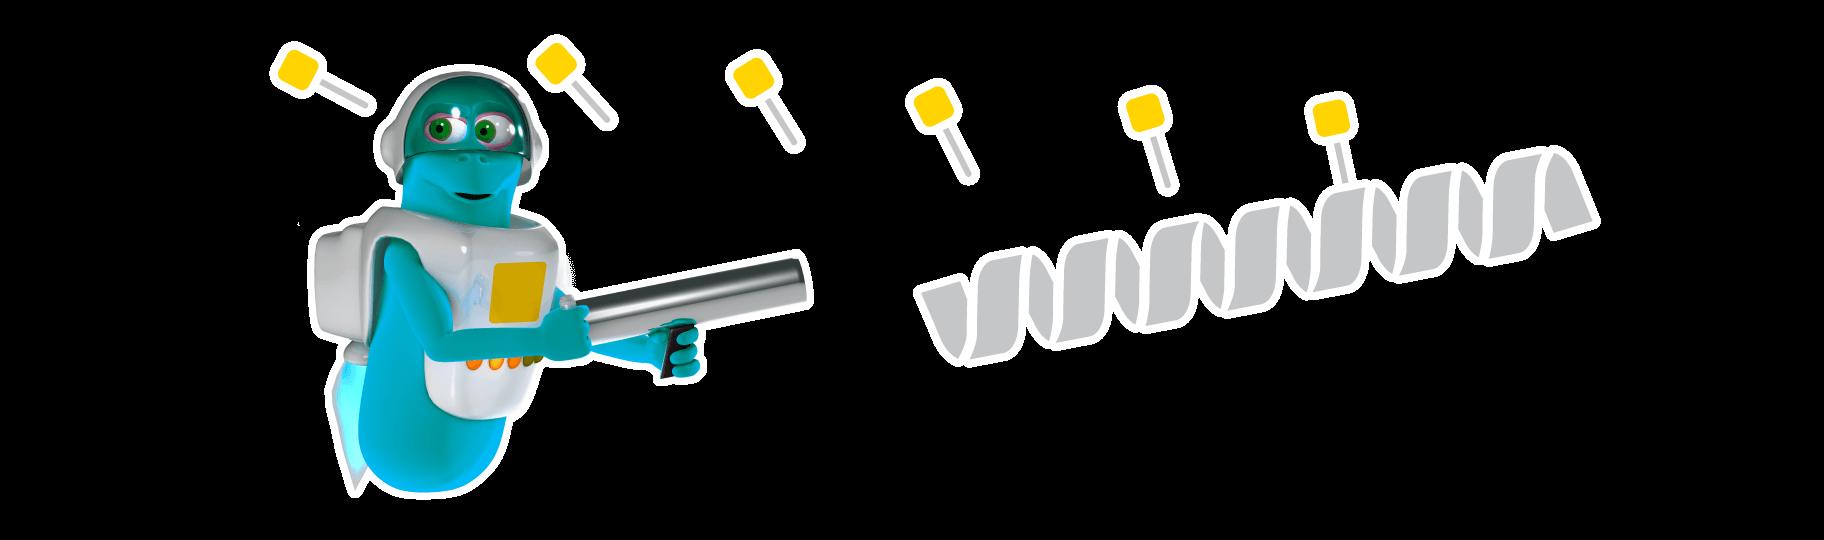 GalNAcEXO workflow - Galnac removal